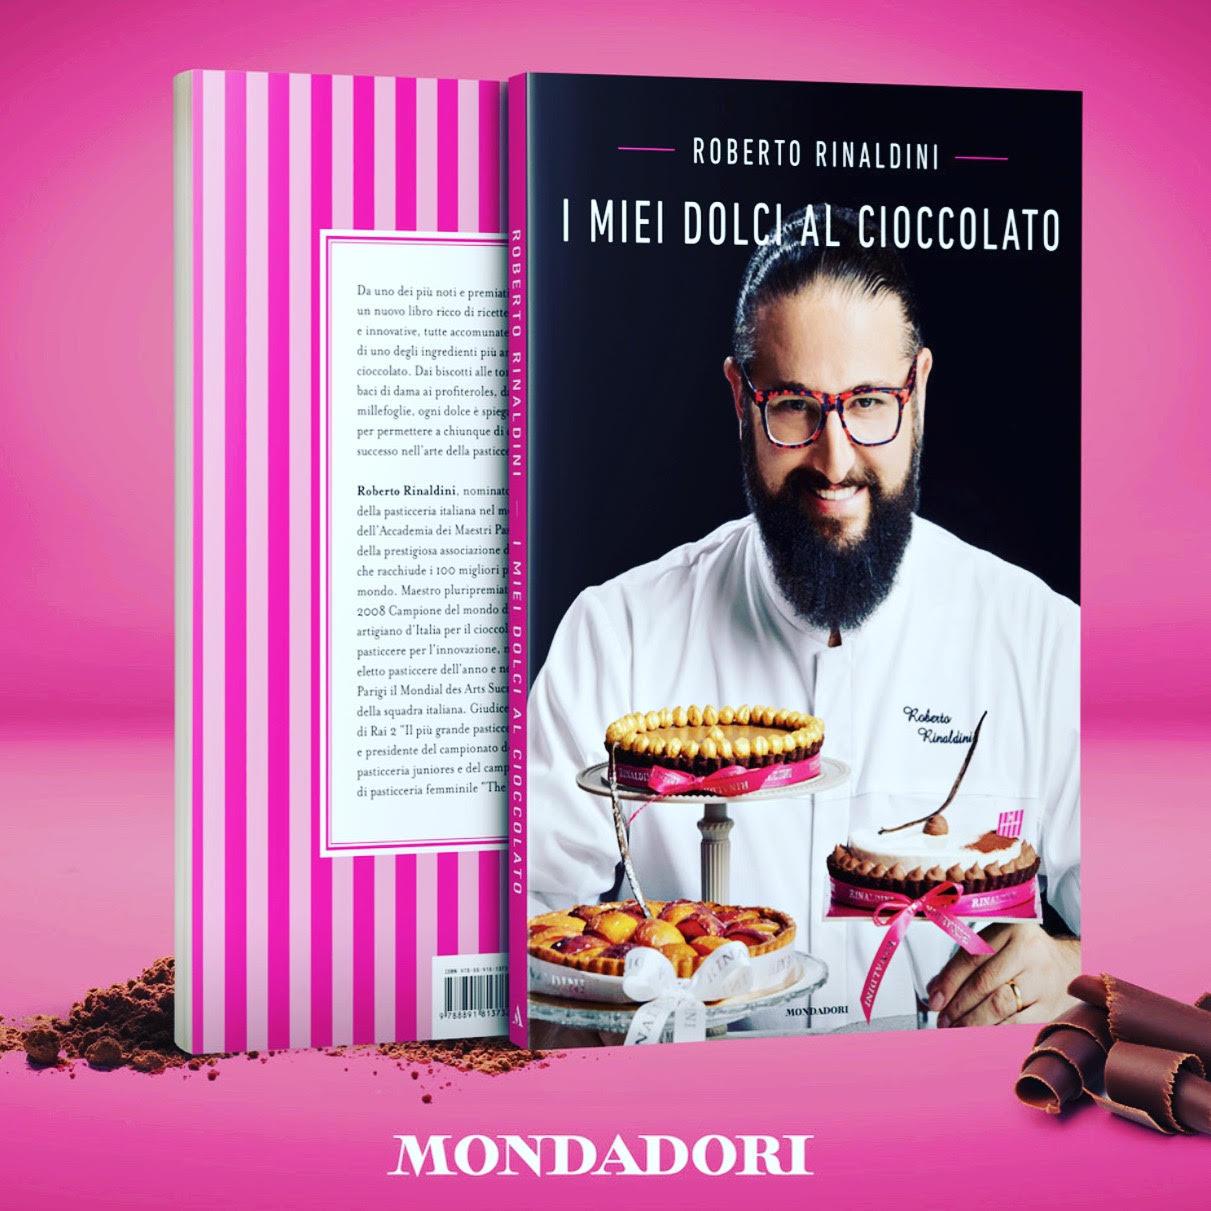 unnamed - I miei dolci al Cioccolato è il nuovo libro di Roberto Rinaldini